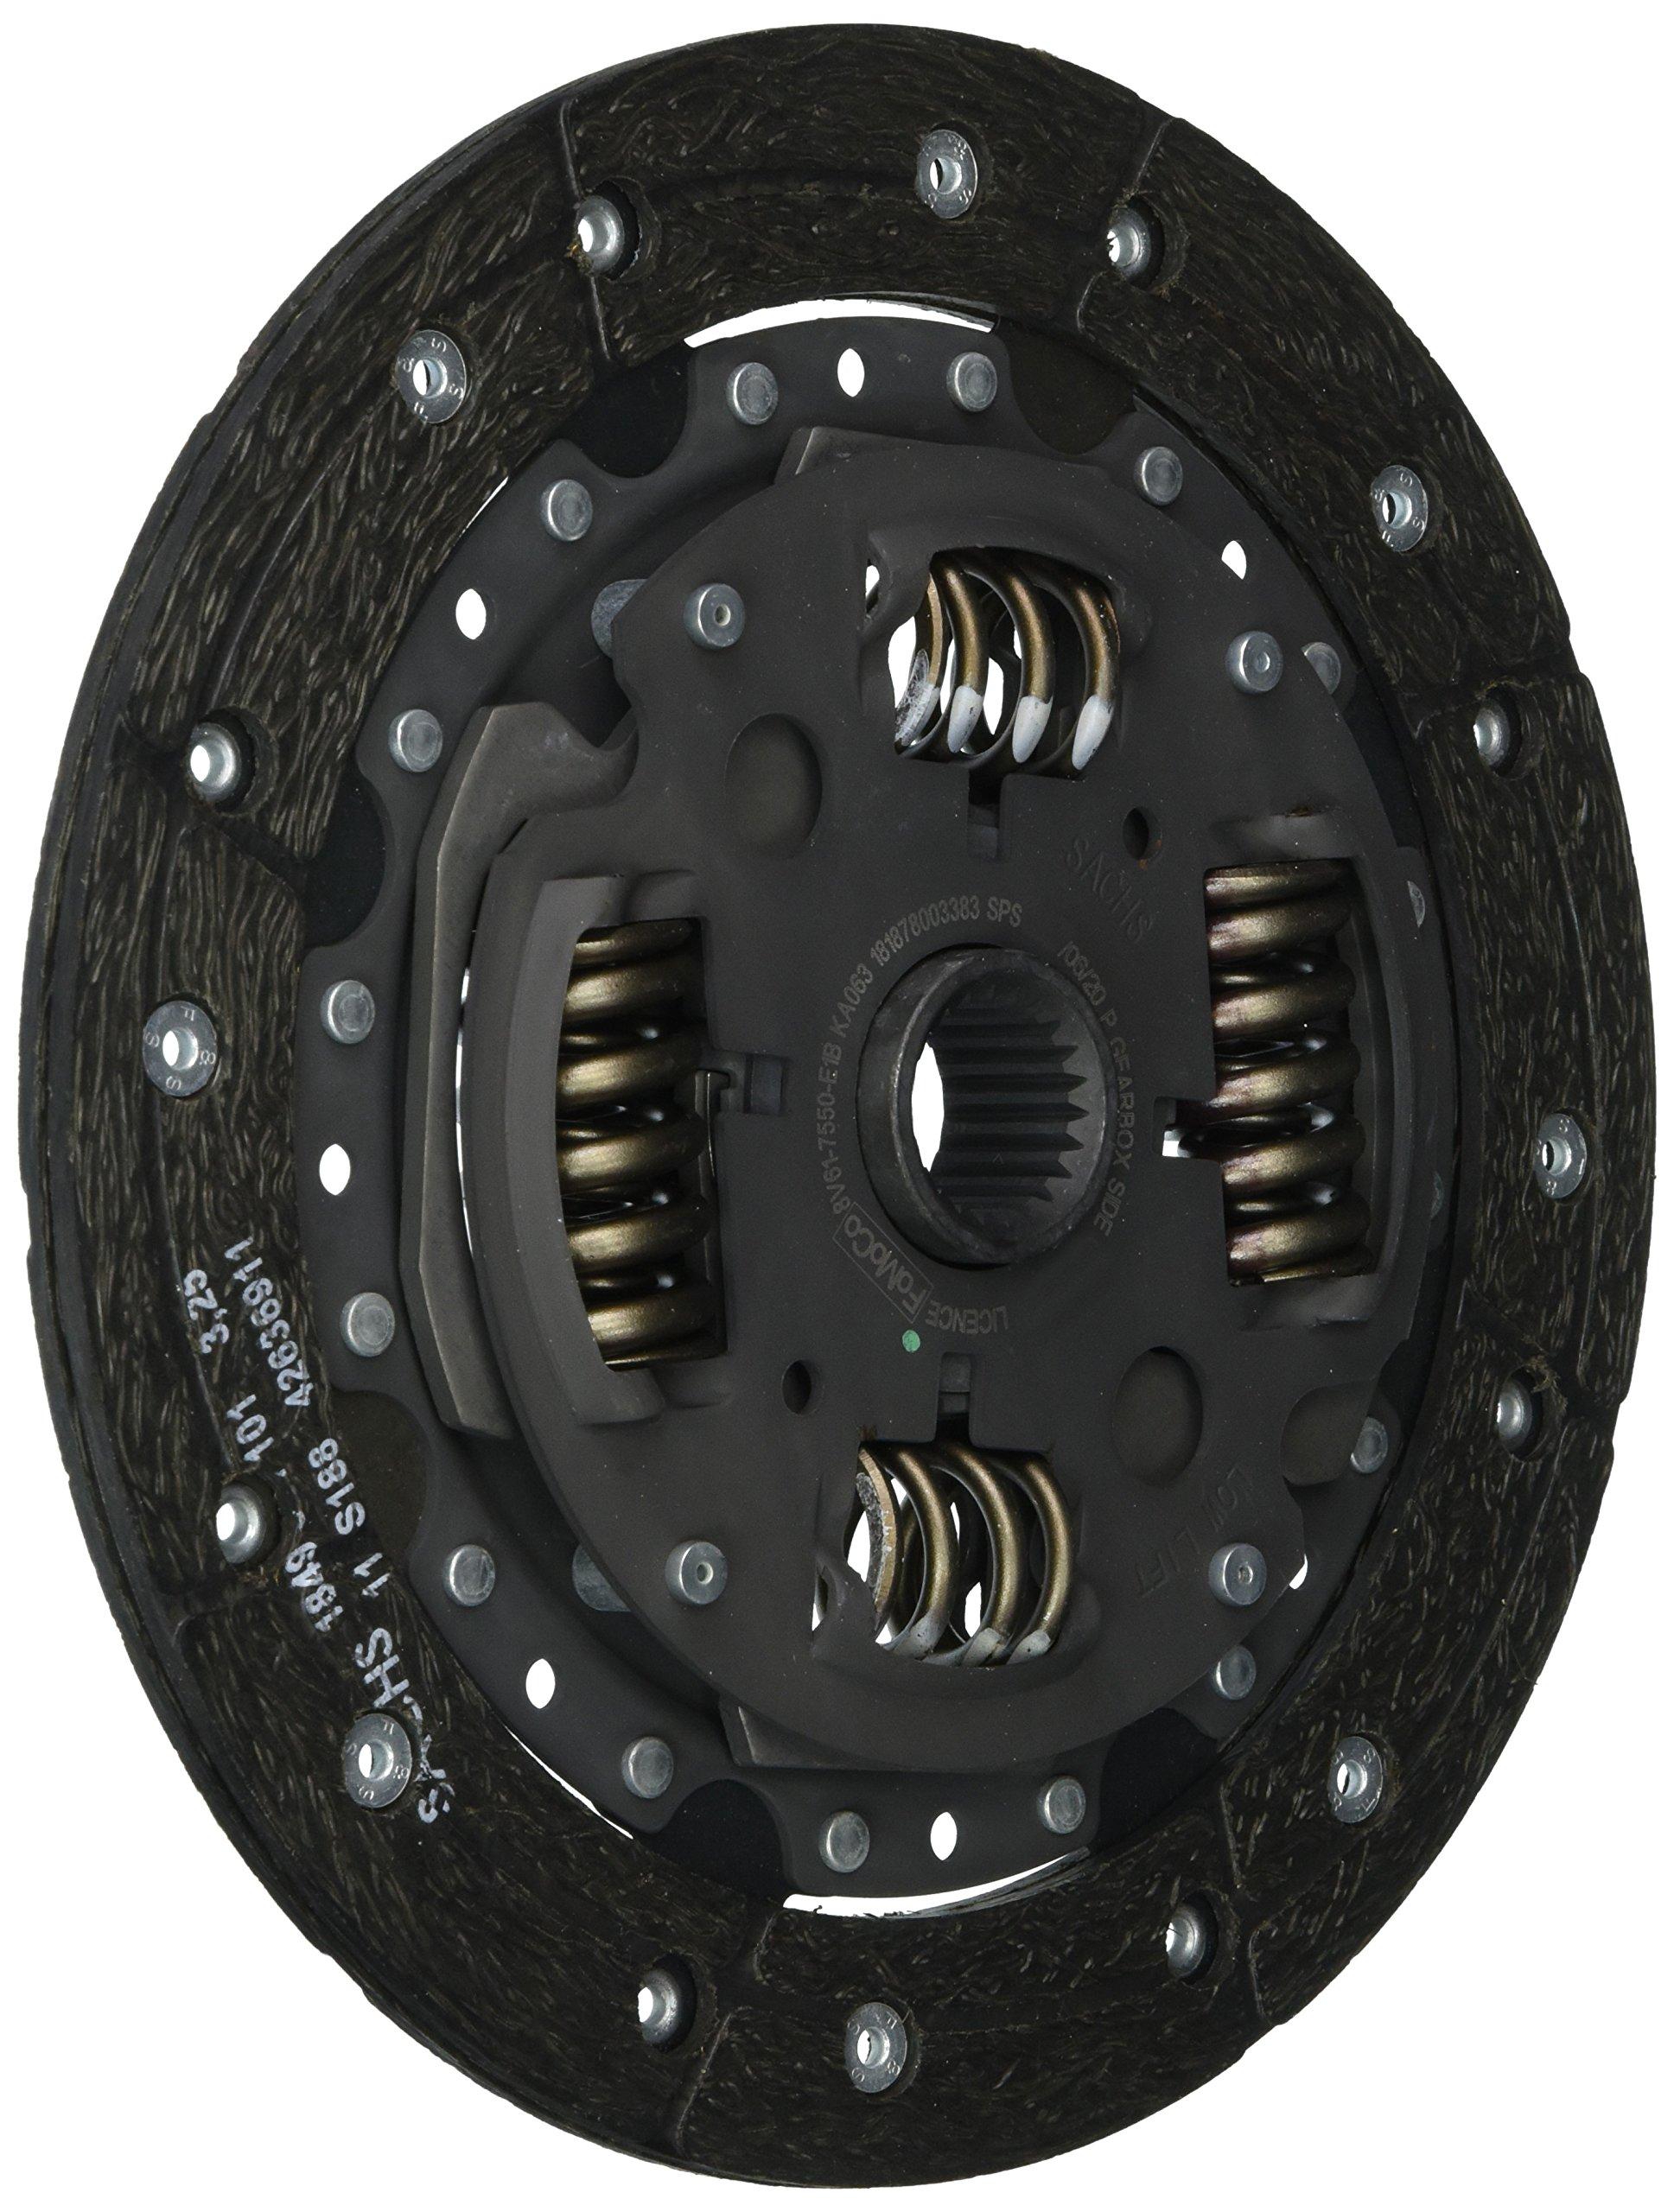 Genuine Mazda (LF08-16-460A) Clutch Disc